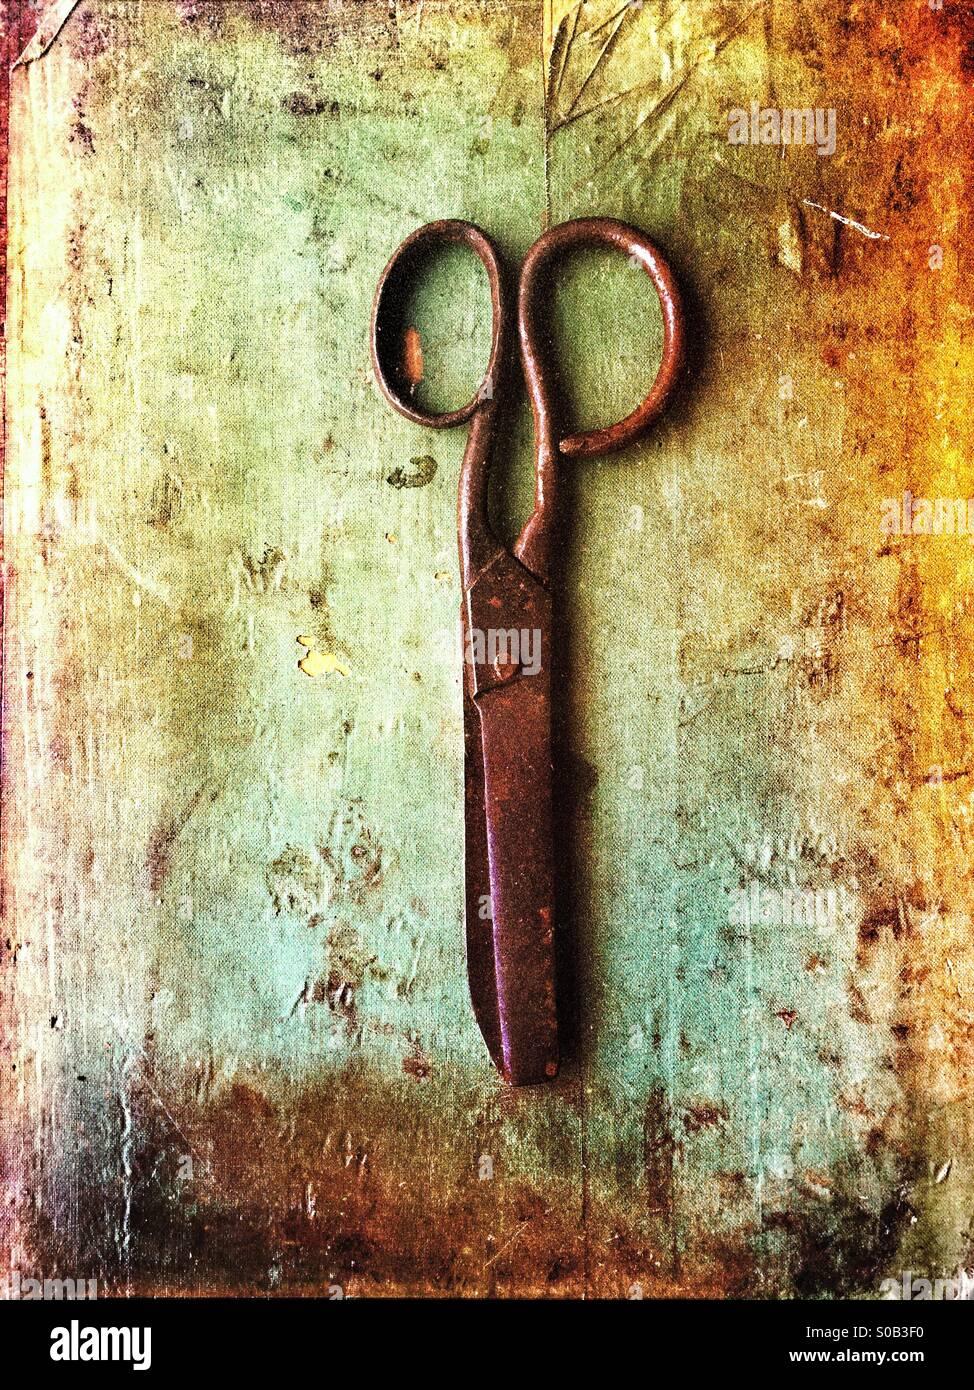 Vieux ciseaux rouillés Photo Stock